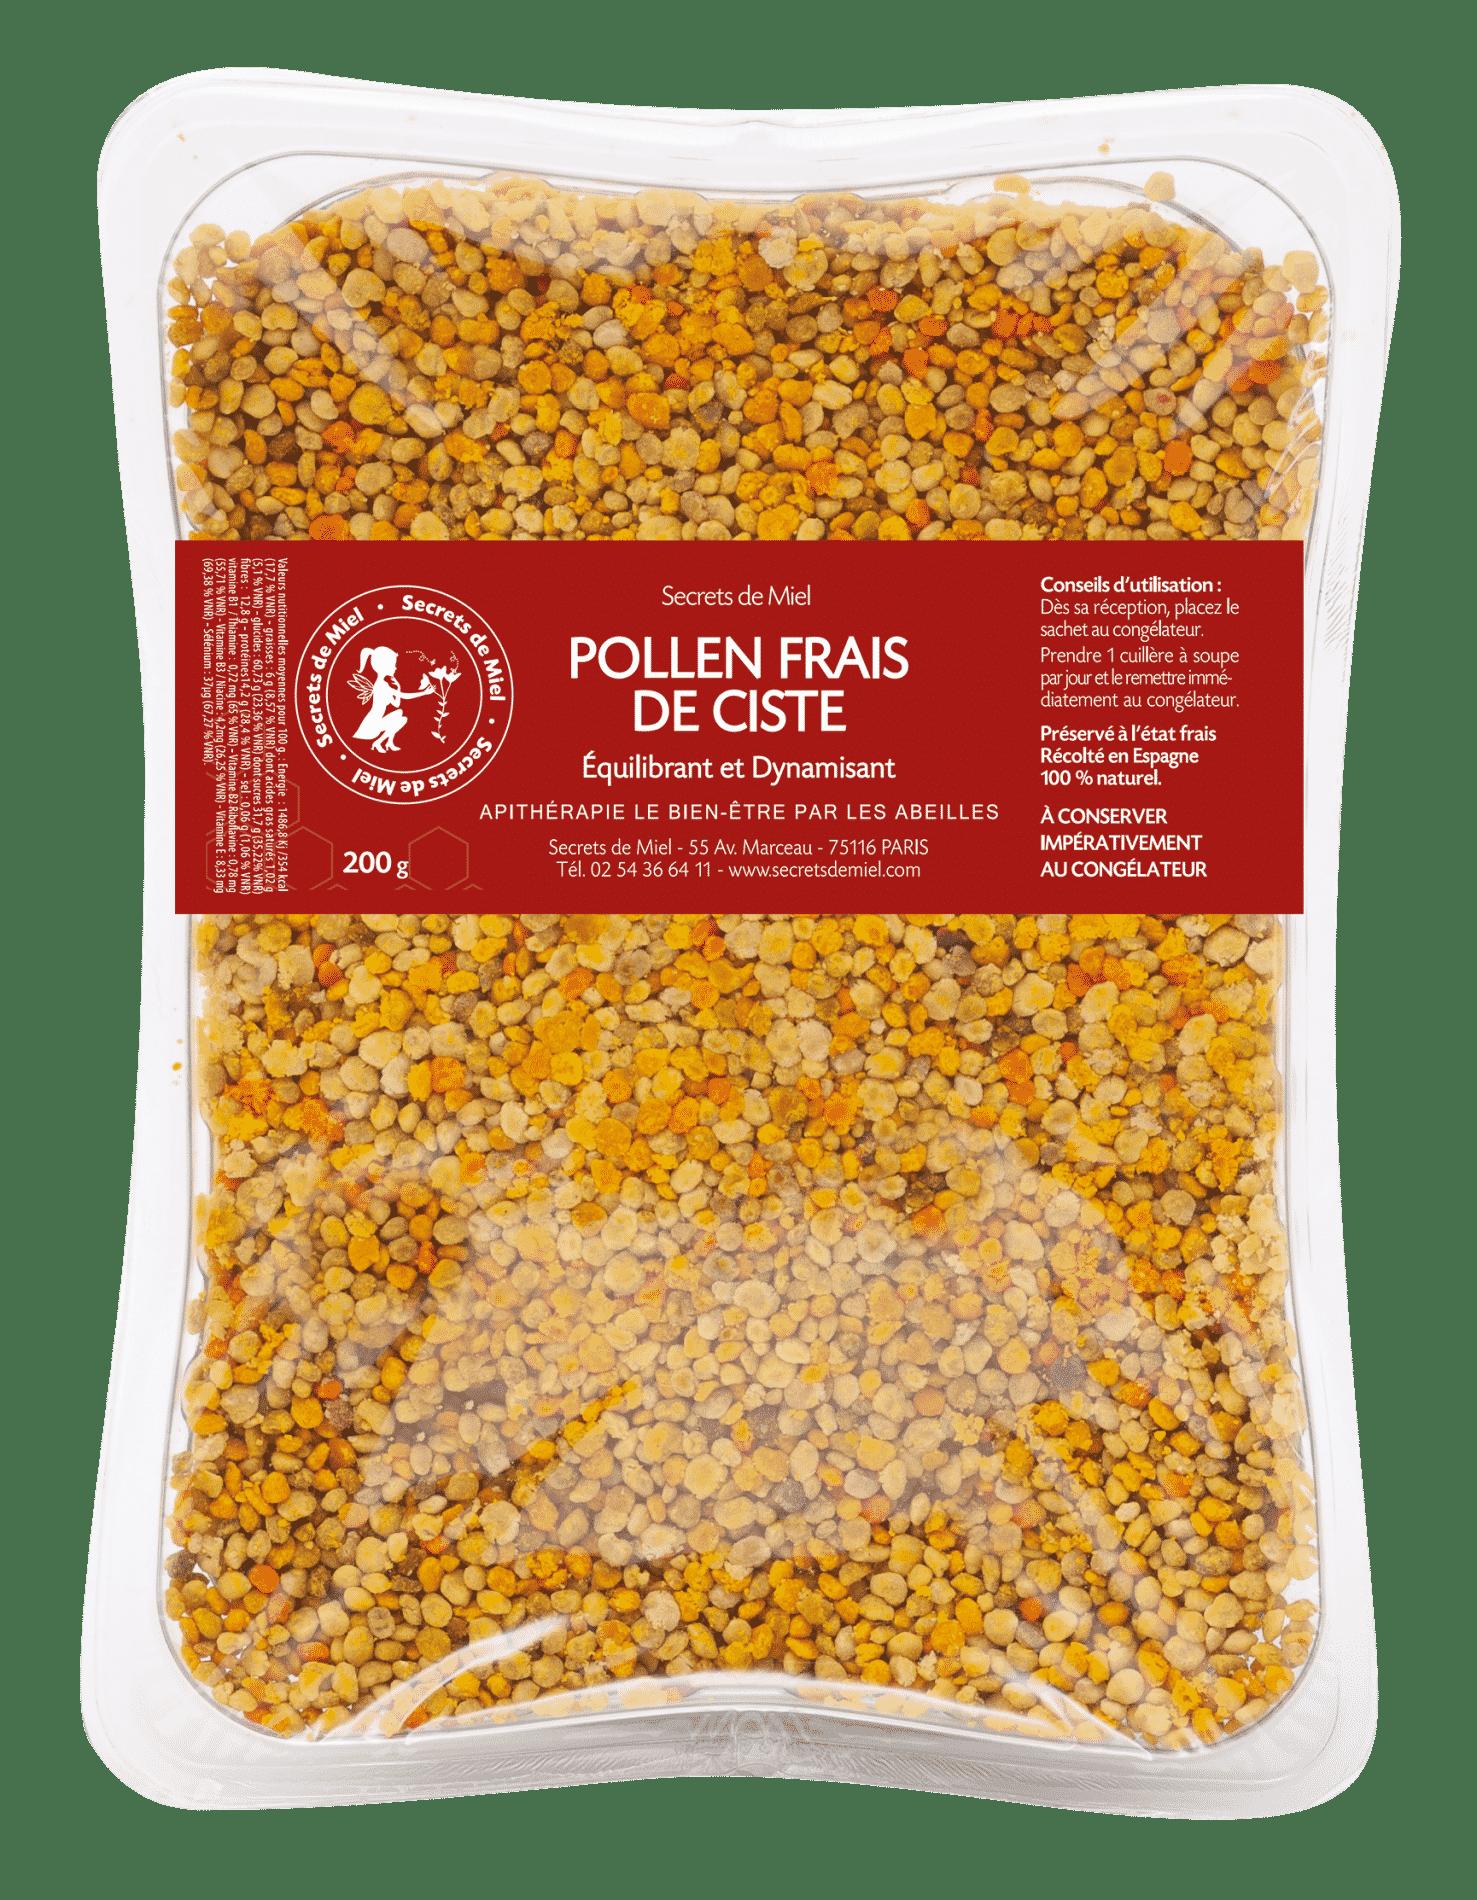 pollen frais - super aliment - équlibre intestinal - apithérapie - produits naturels